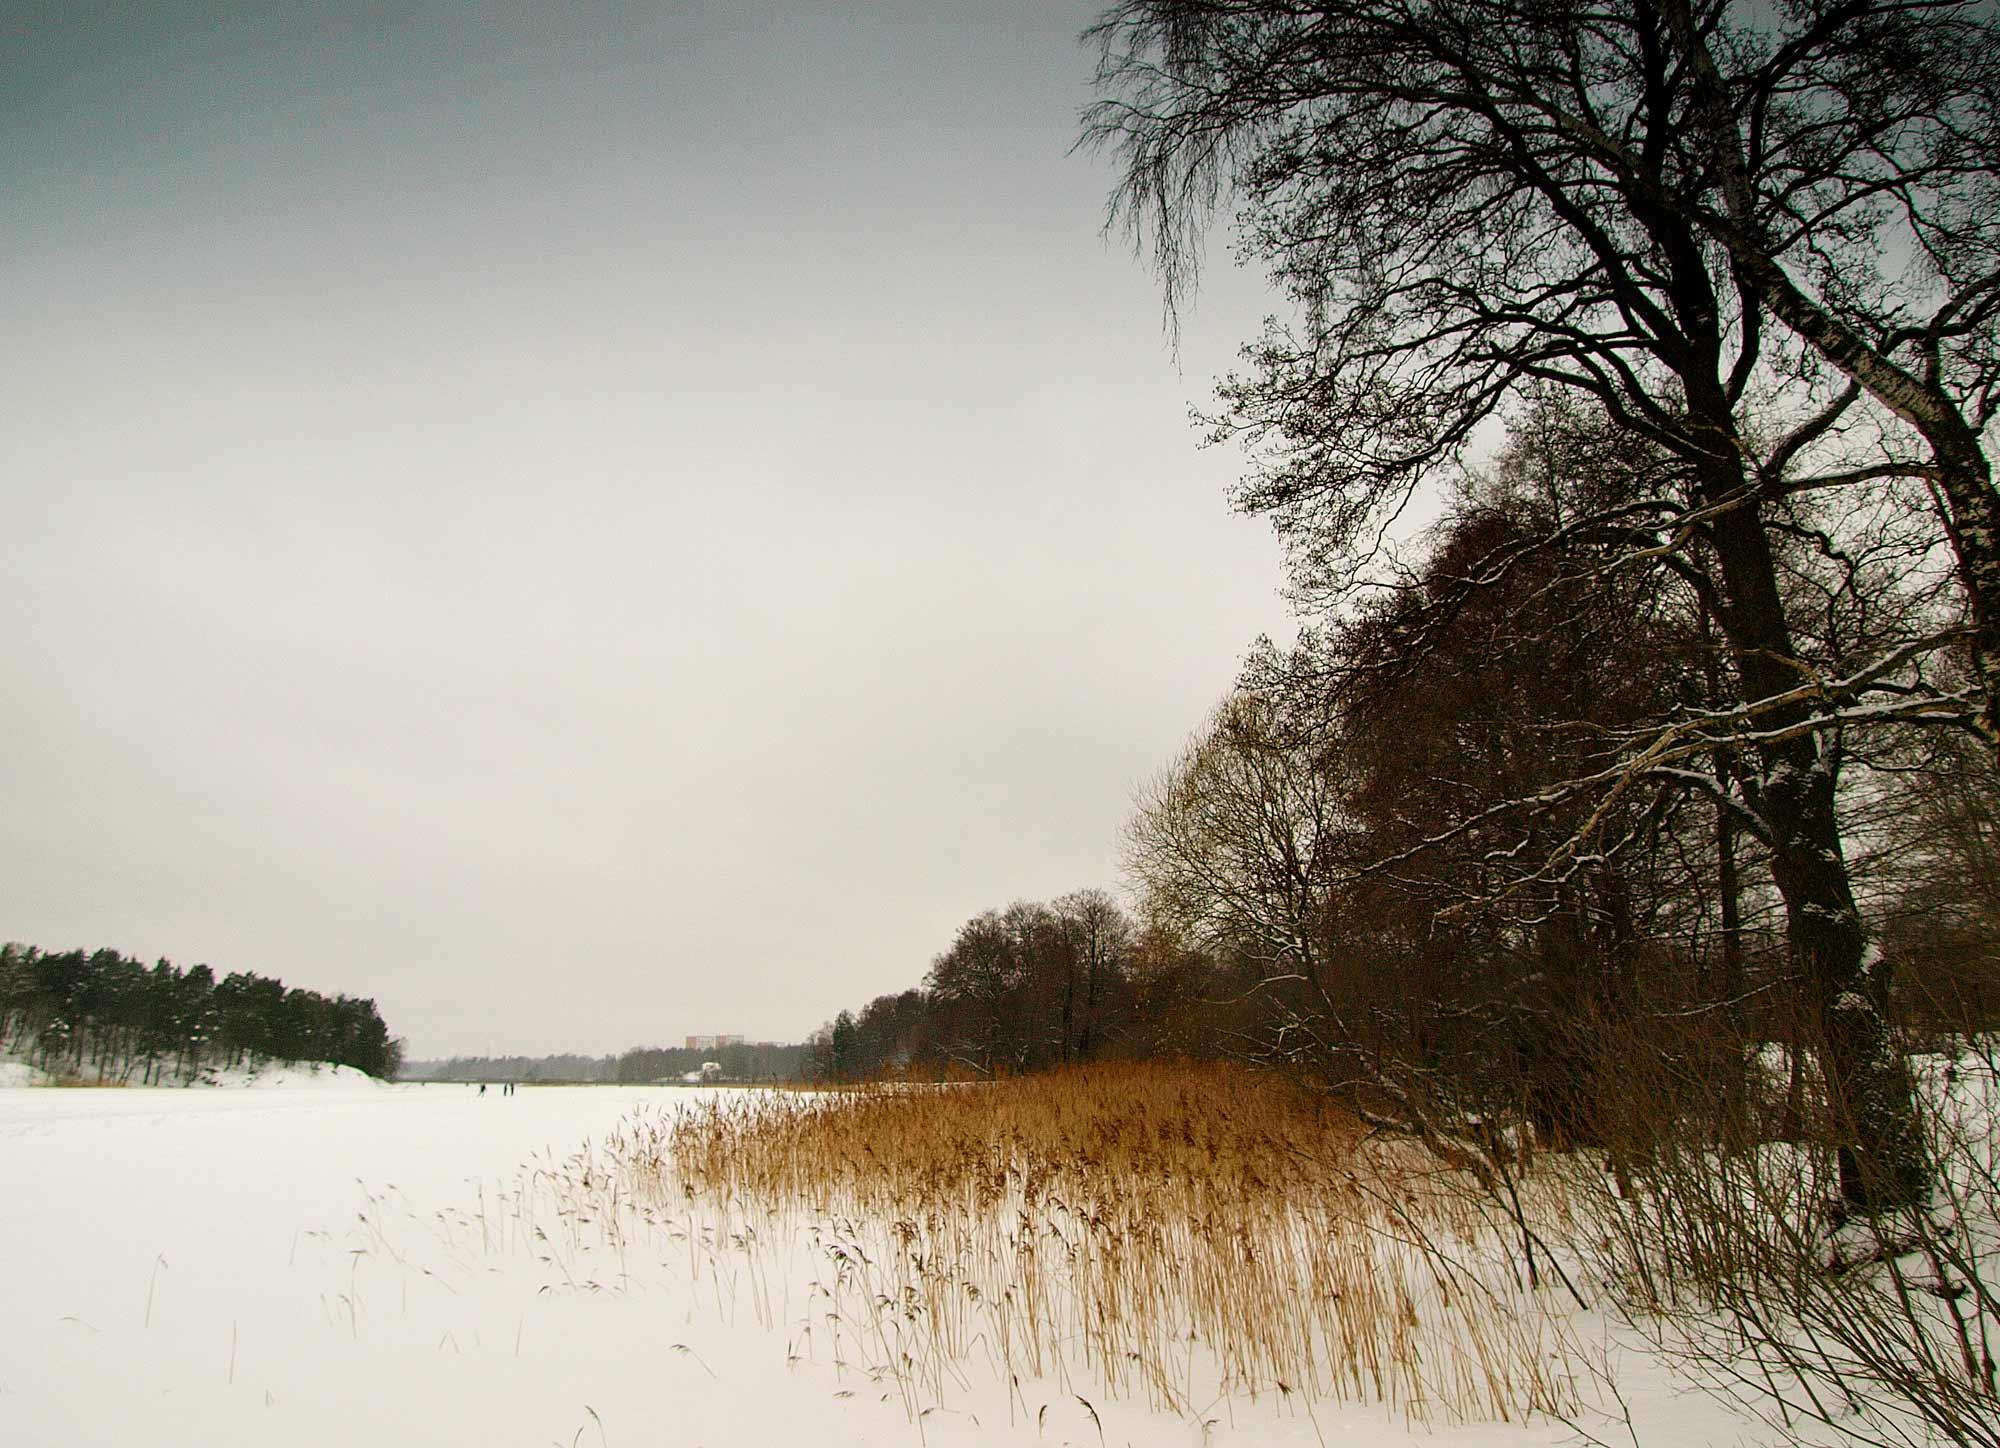 VinterUtflykt